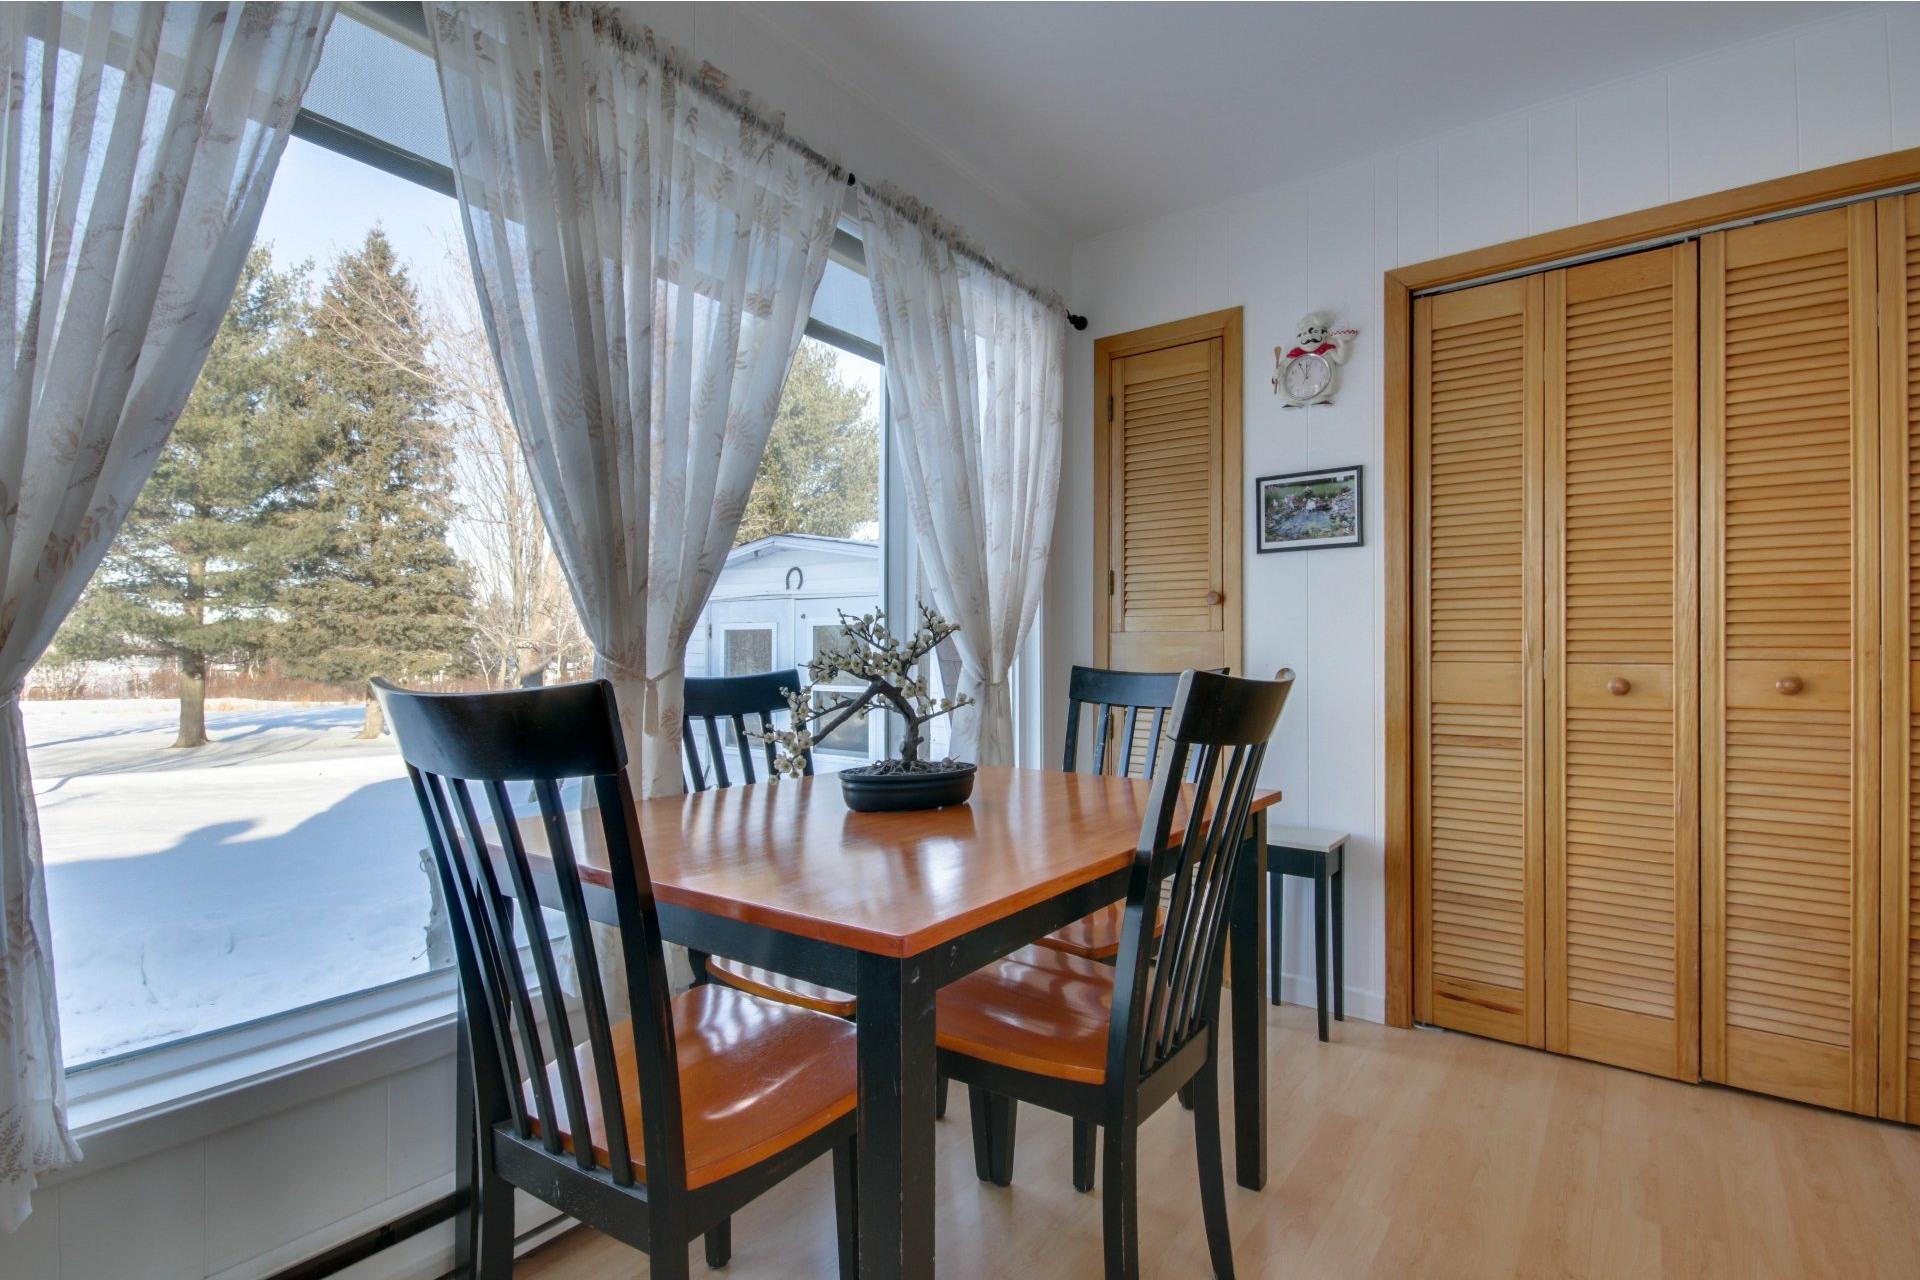 image 11 - House For sale Saint-Pierre-les-Becquets - 6 rooms